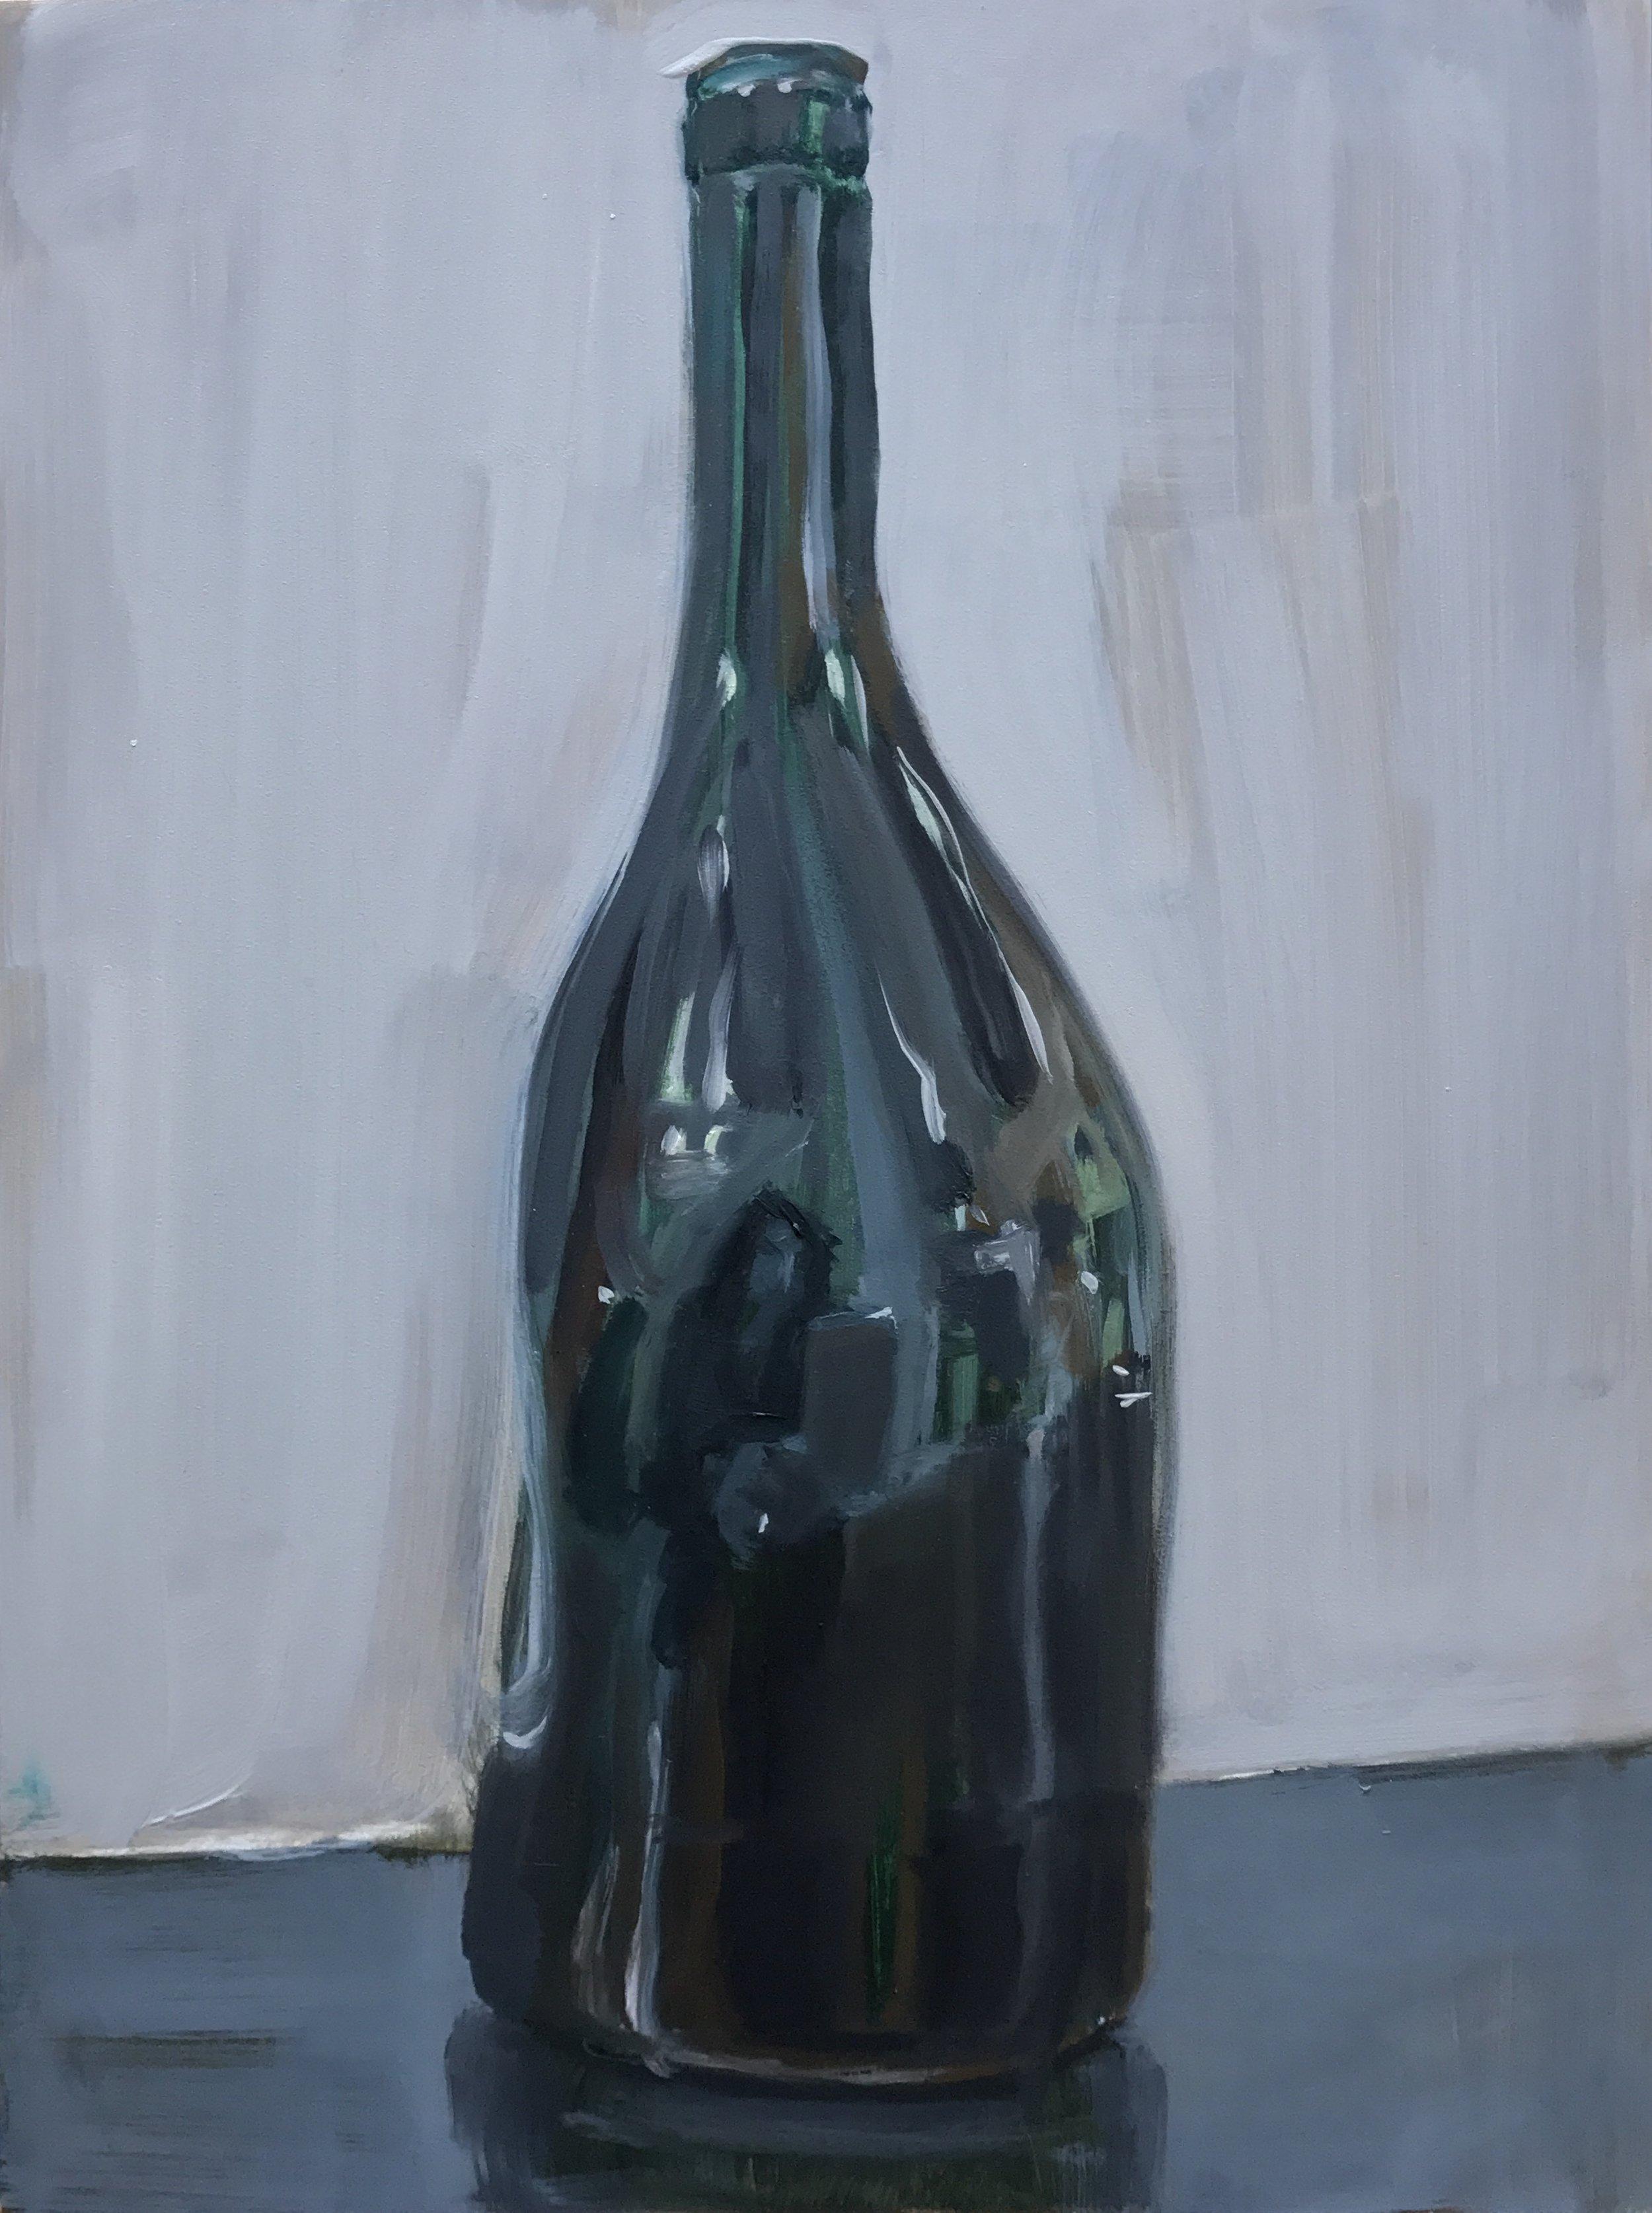 Selfie in Bottle